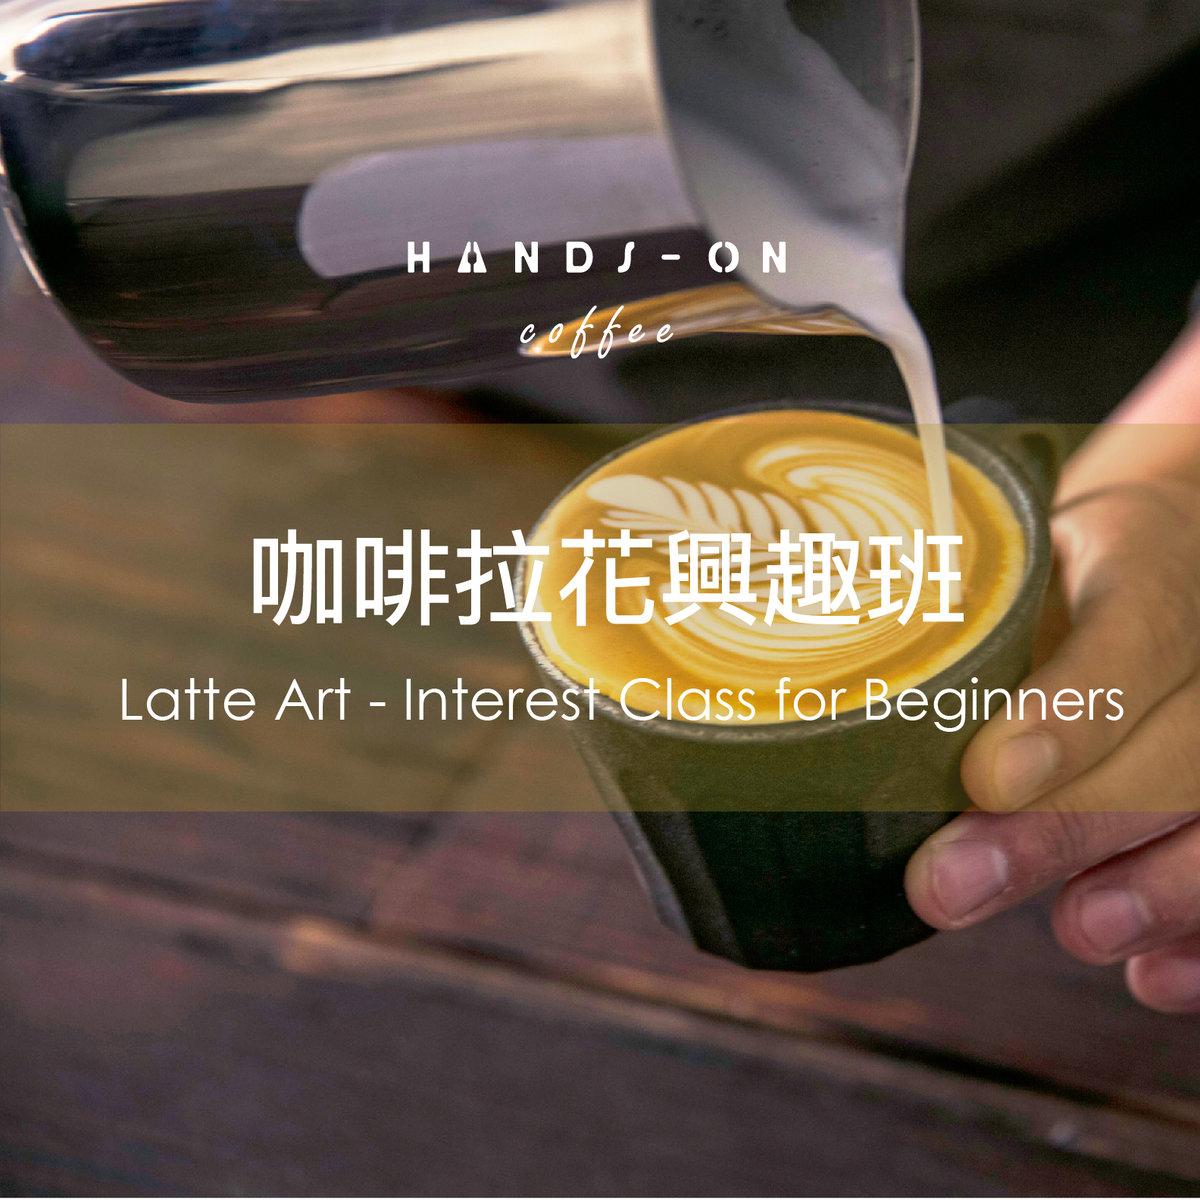 (16/6) 咖啡拉花(Latte Art)興趣初班